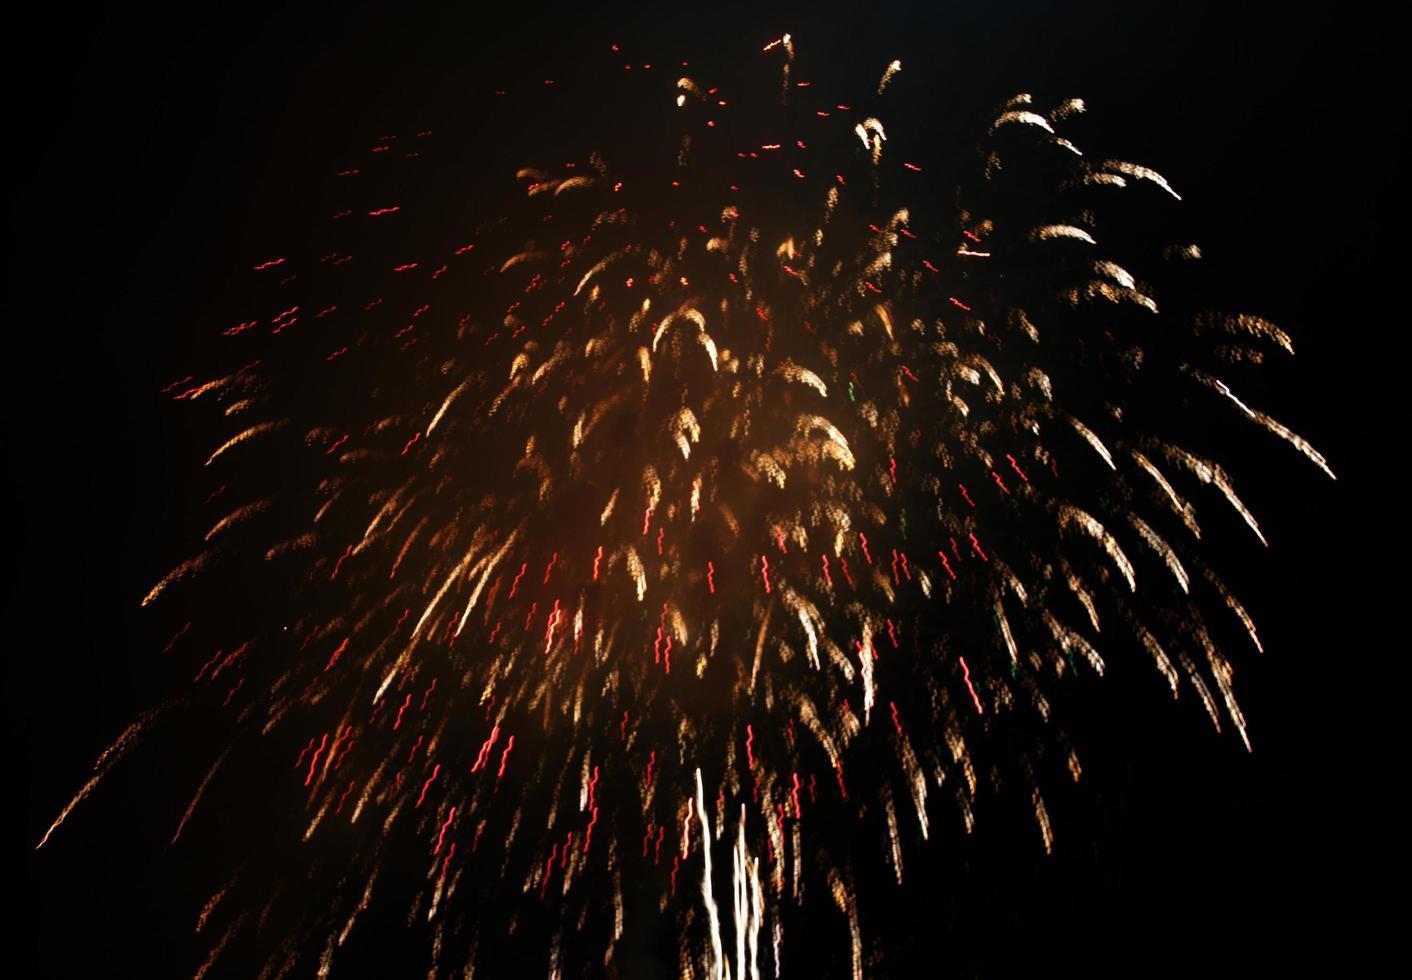 fuochi d'artificio d'oro nel cielo foto